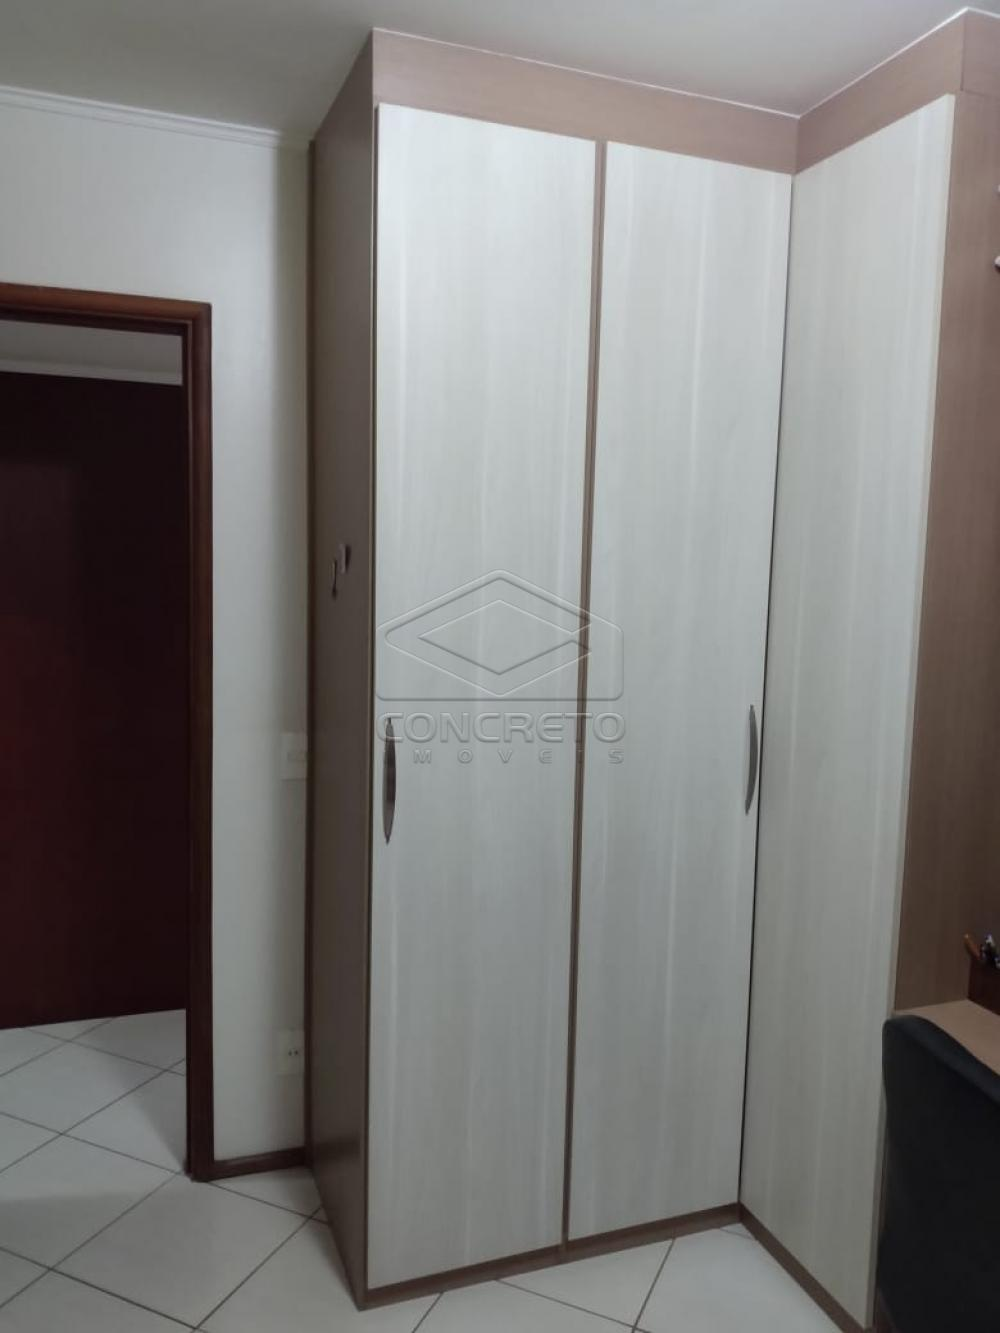 Comprar Apartamento / Padrão em Bauru R$ 530.000,00 - Foto 11